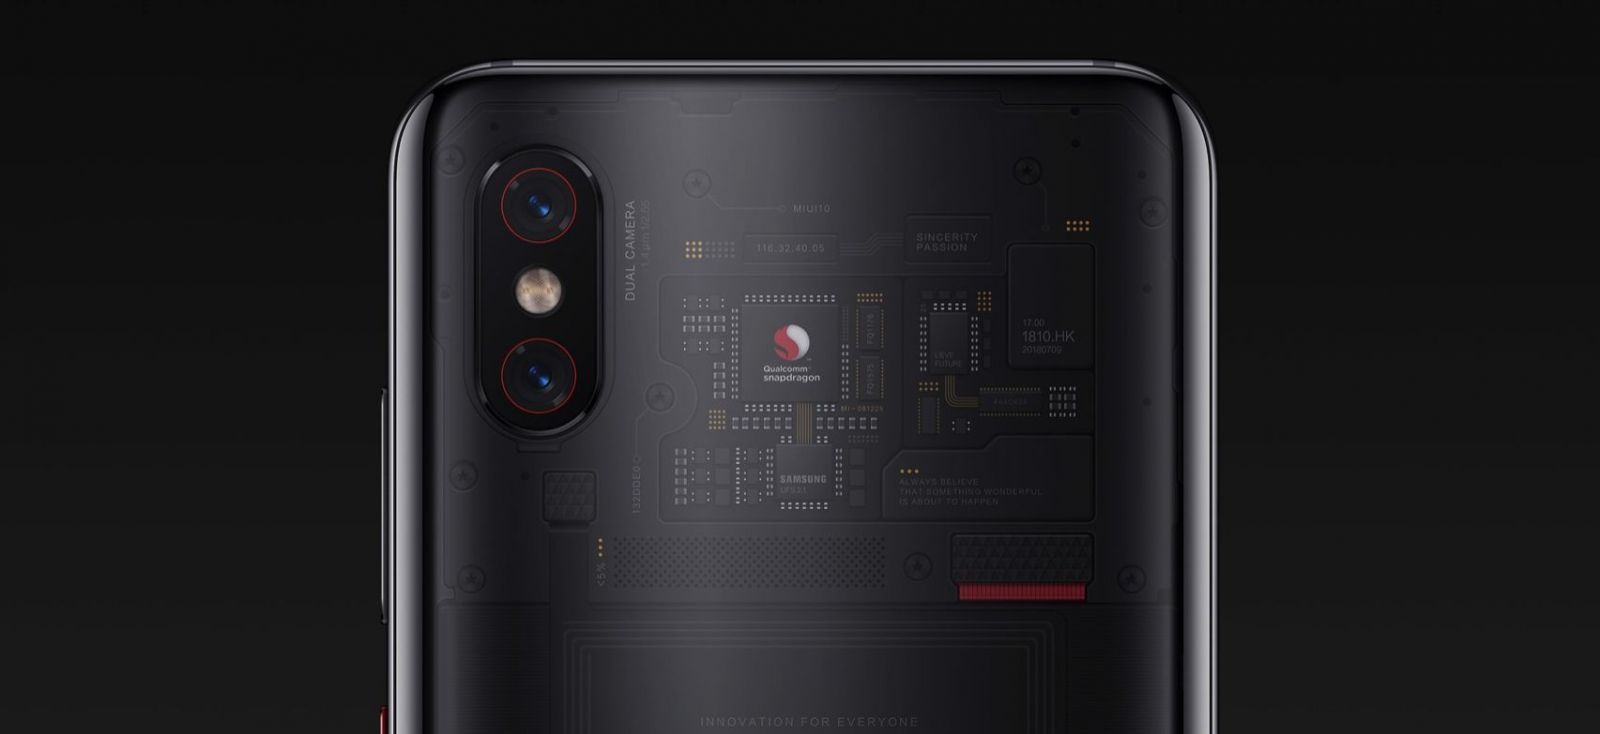 Unikátny dizajn a špičkové parametre. Xiaomi Mi 8 Pro ťa zaujme už na prvý pohľad